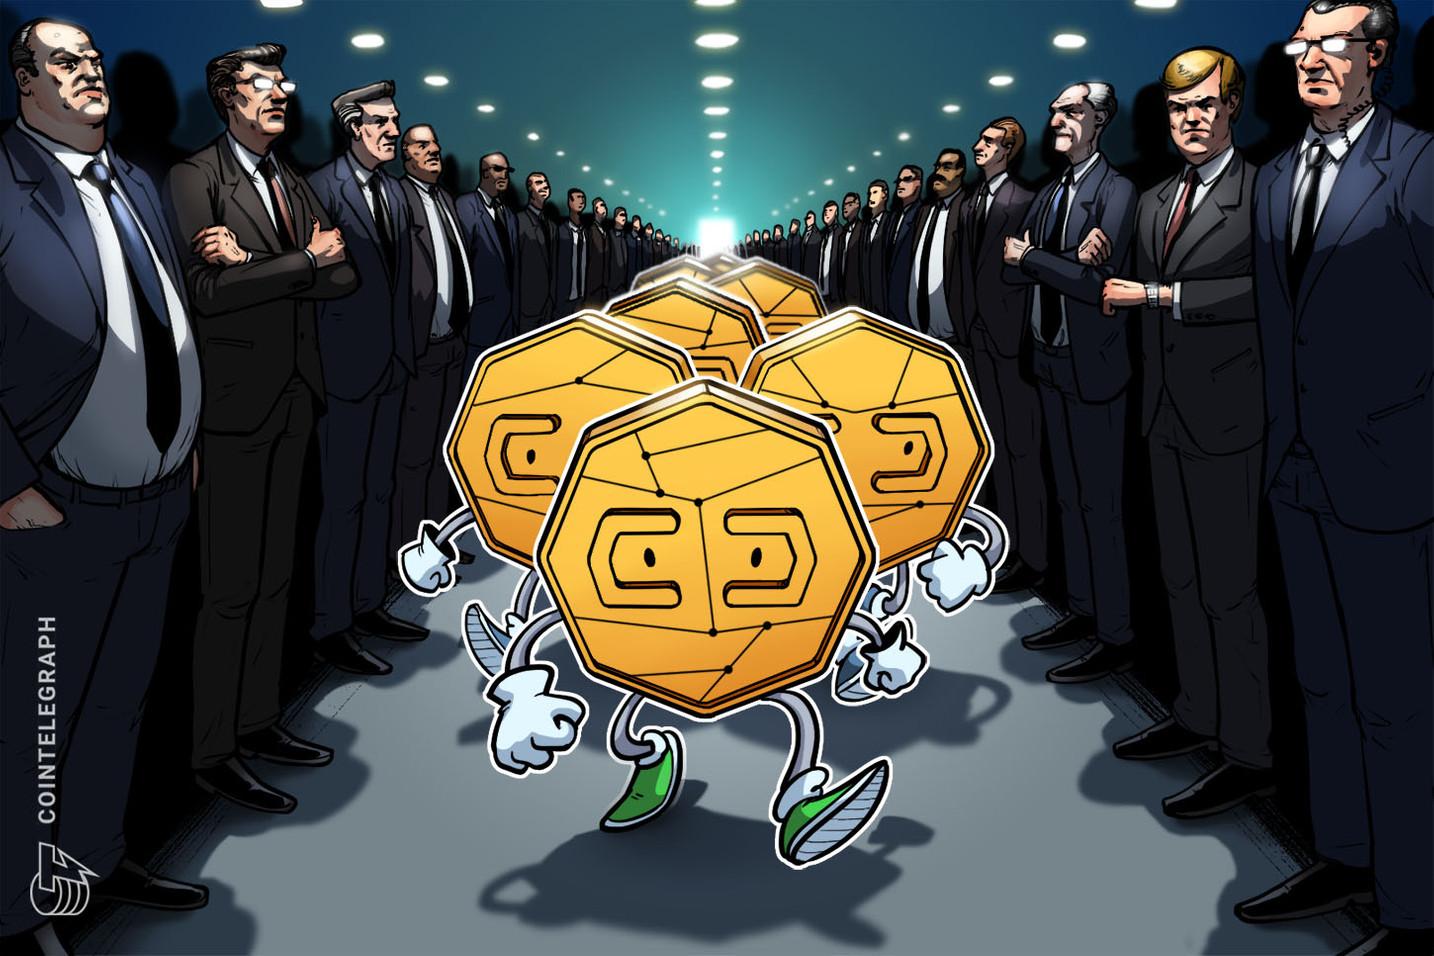 La Corea del Sud pianifica di irrigidire il proprio quadro normativo sulle crypto